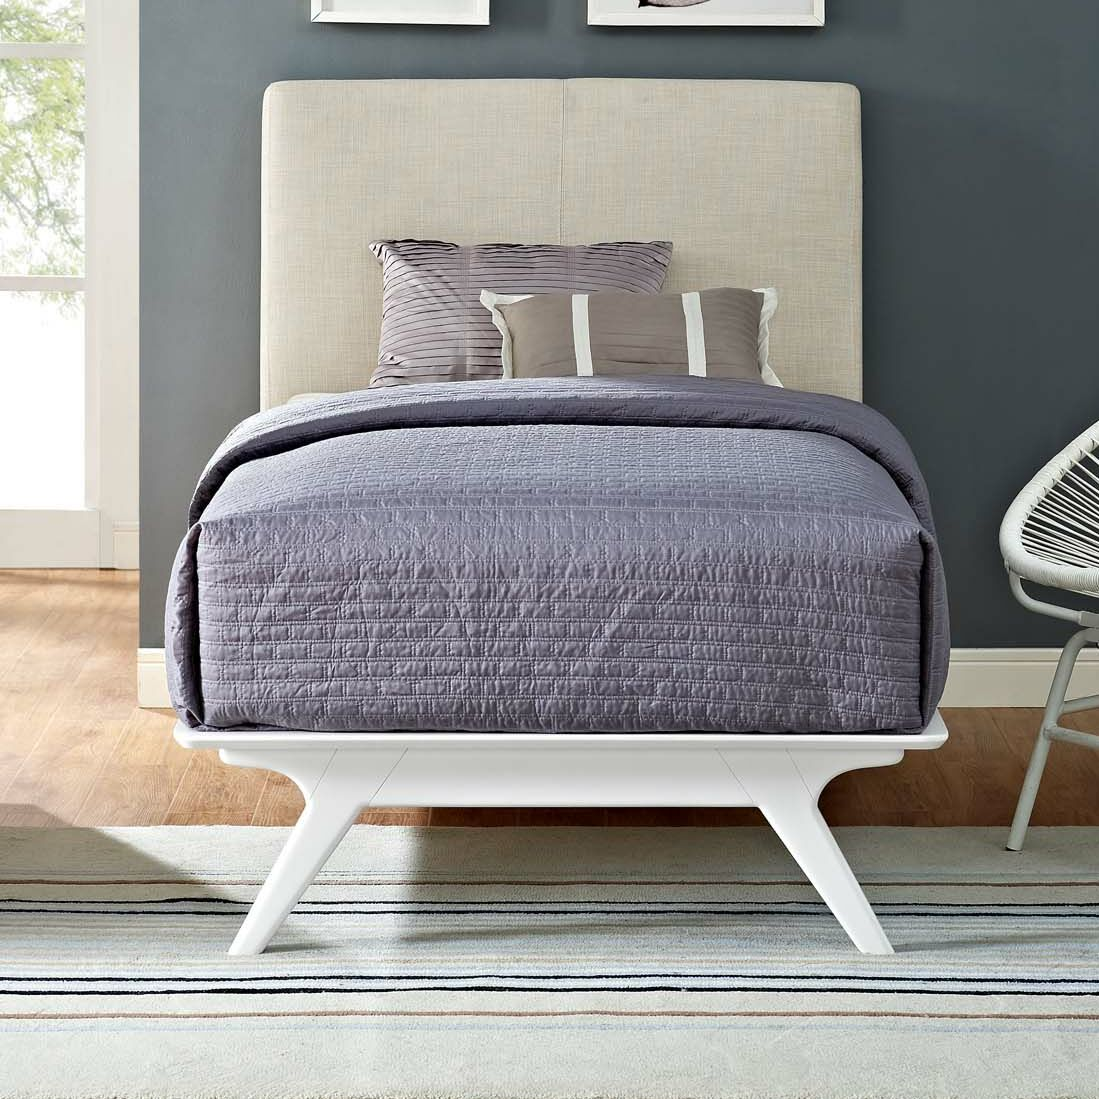 Hannigan Upholstered Platform Bed Color: Beige, Size: King